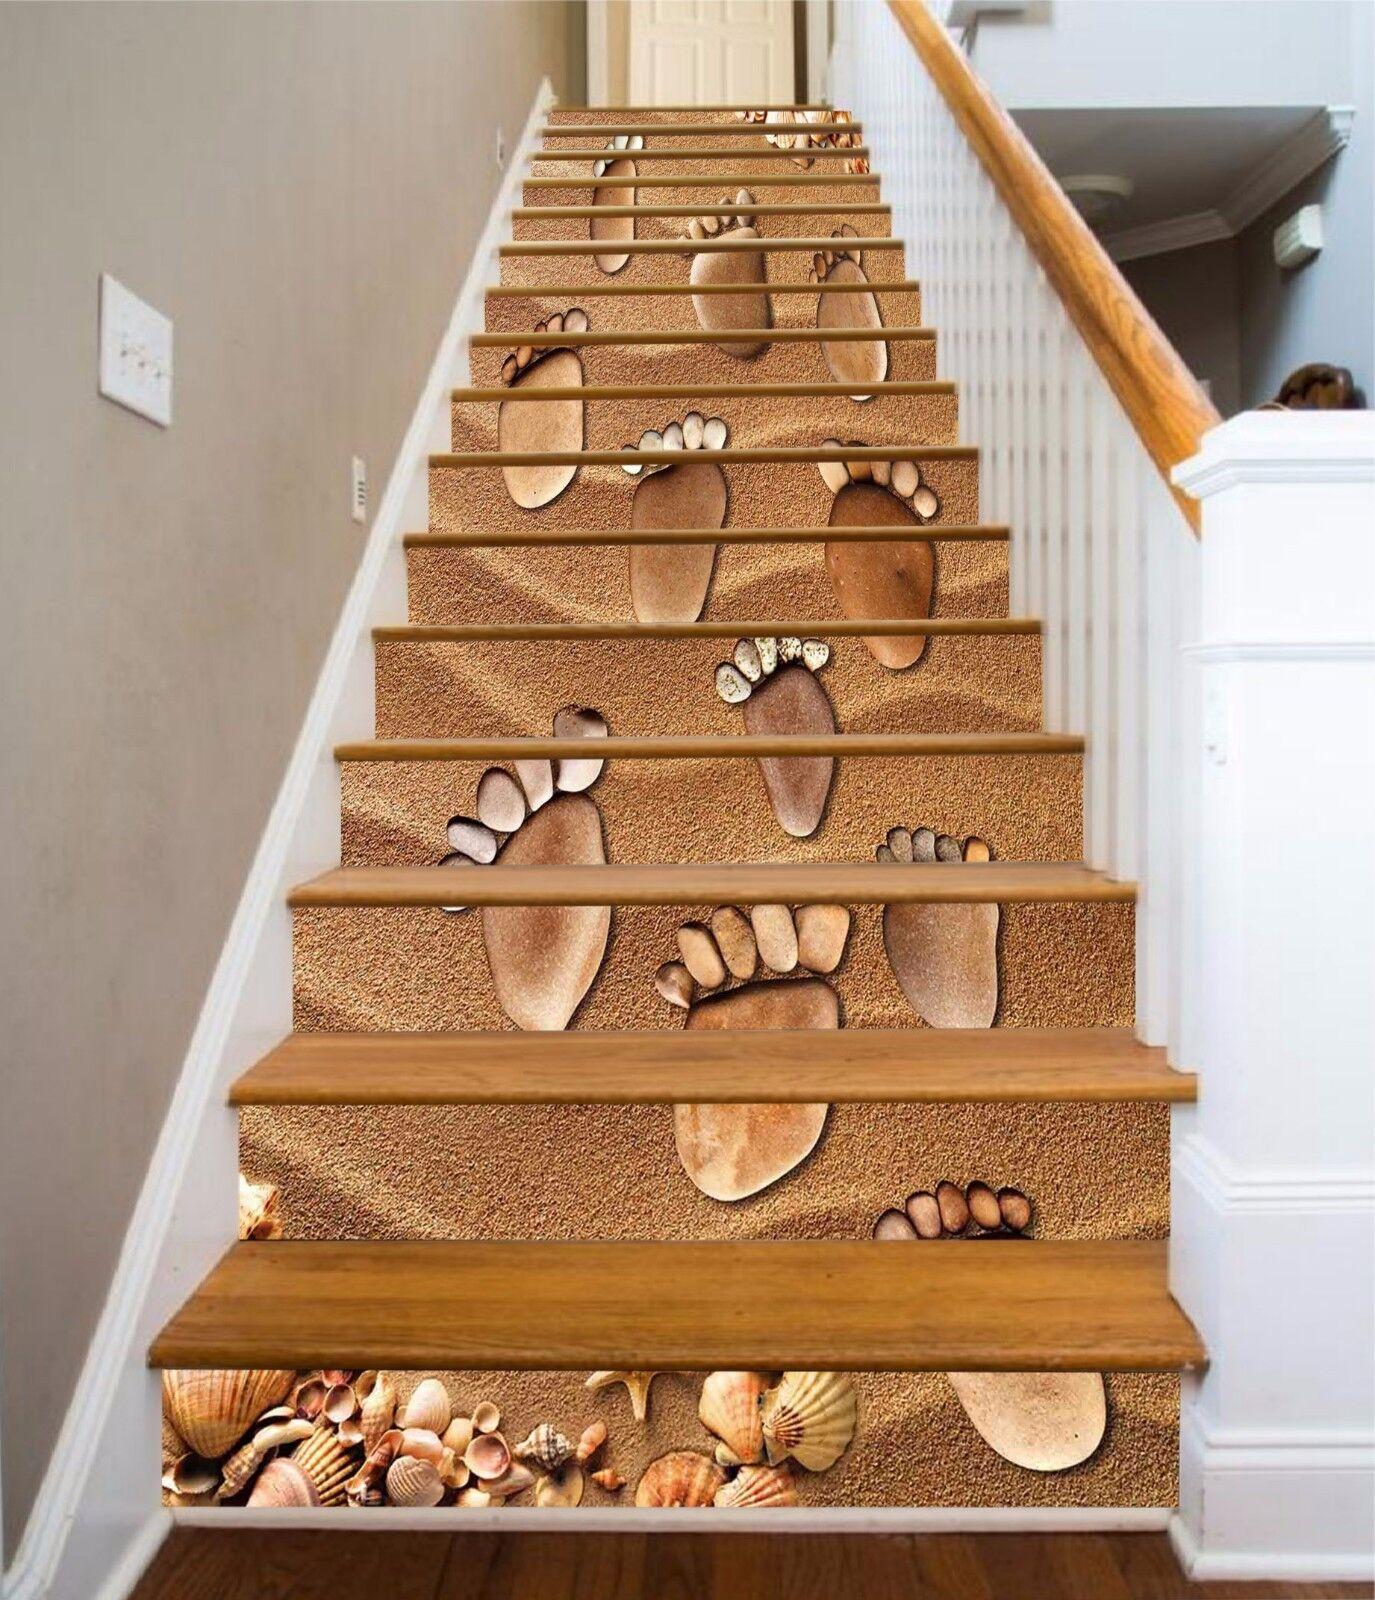 3D Beach Footprint 8Stair Risers Decoration Photo Mural Vinyl Decal Wallpaper AU